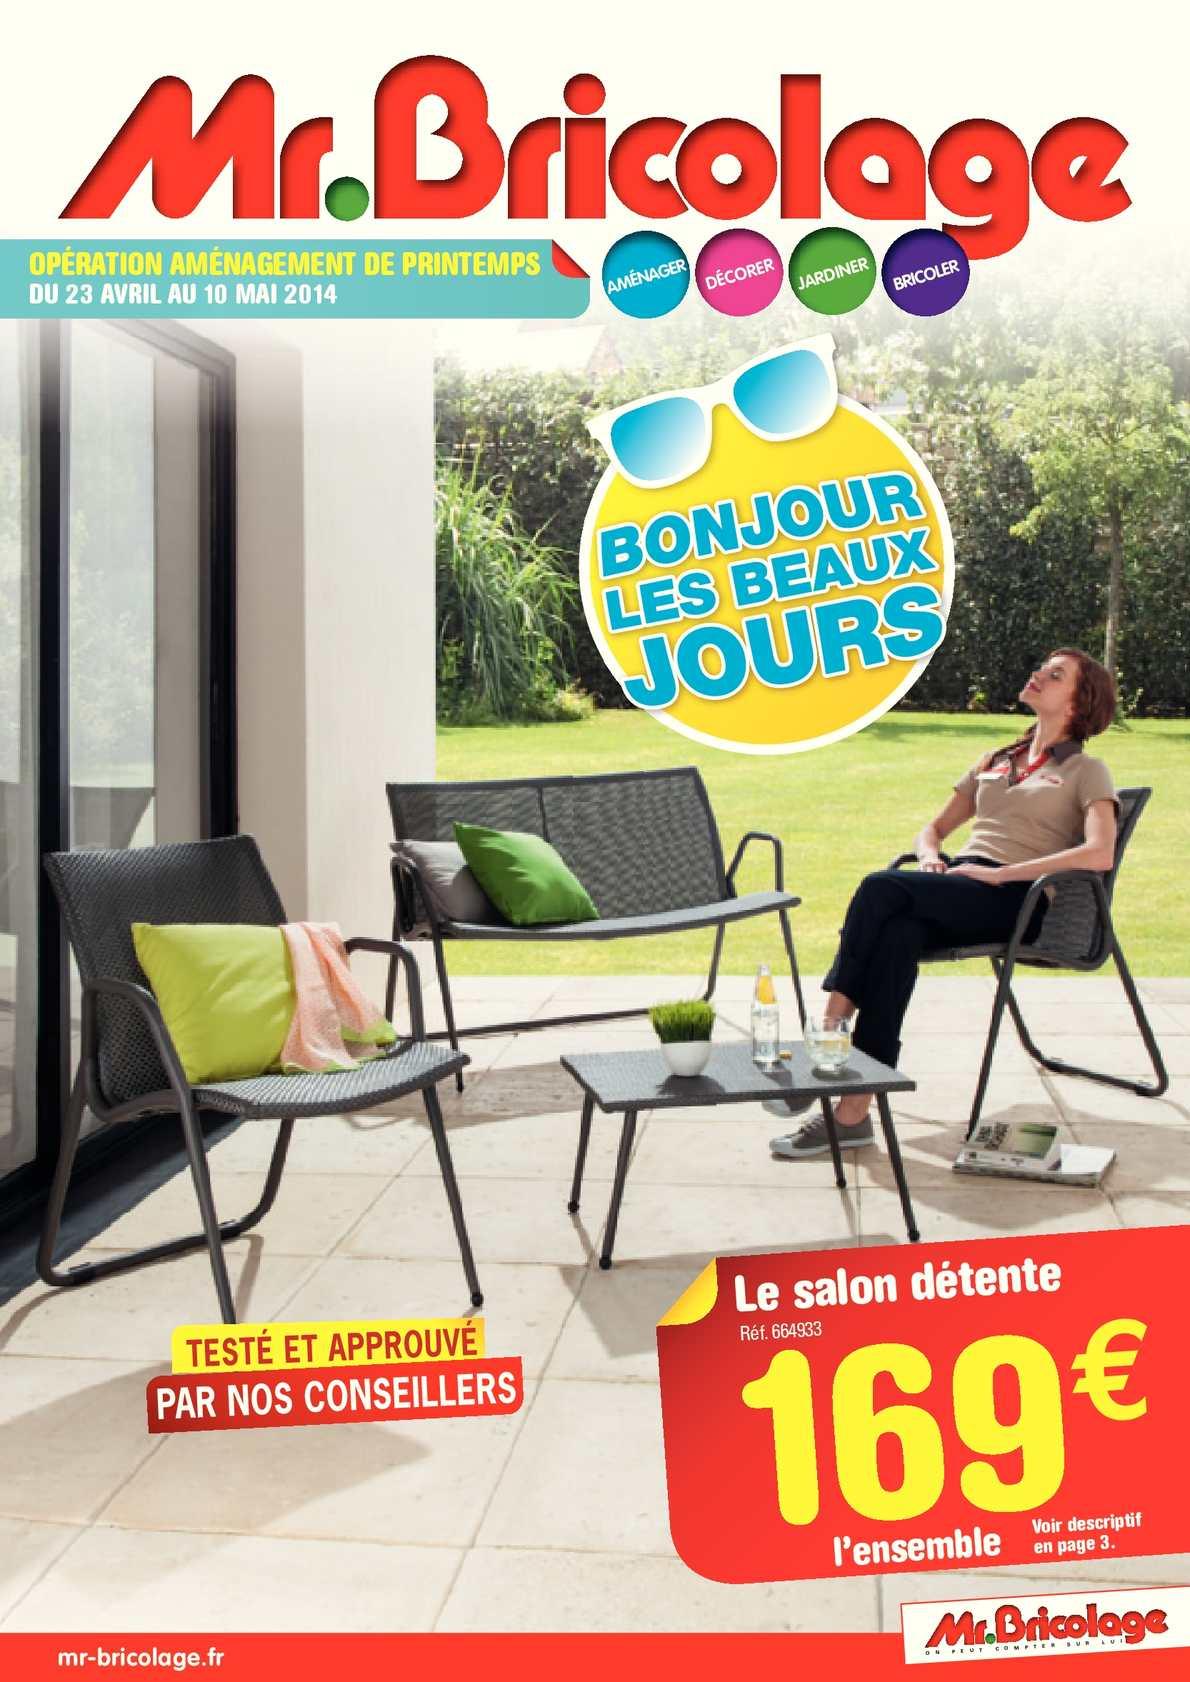 Calaméo - Mr.bricolage - Catalogue Aménagement Extérieur ... tout Salon De Jardin Monsieur Bricolage